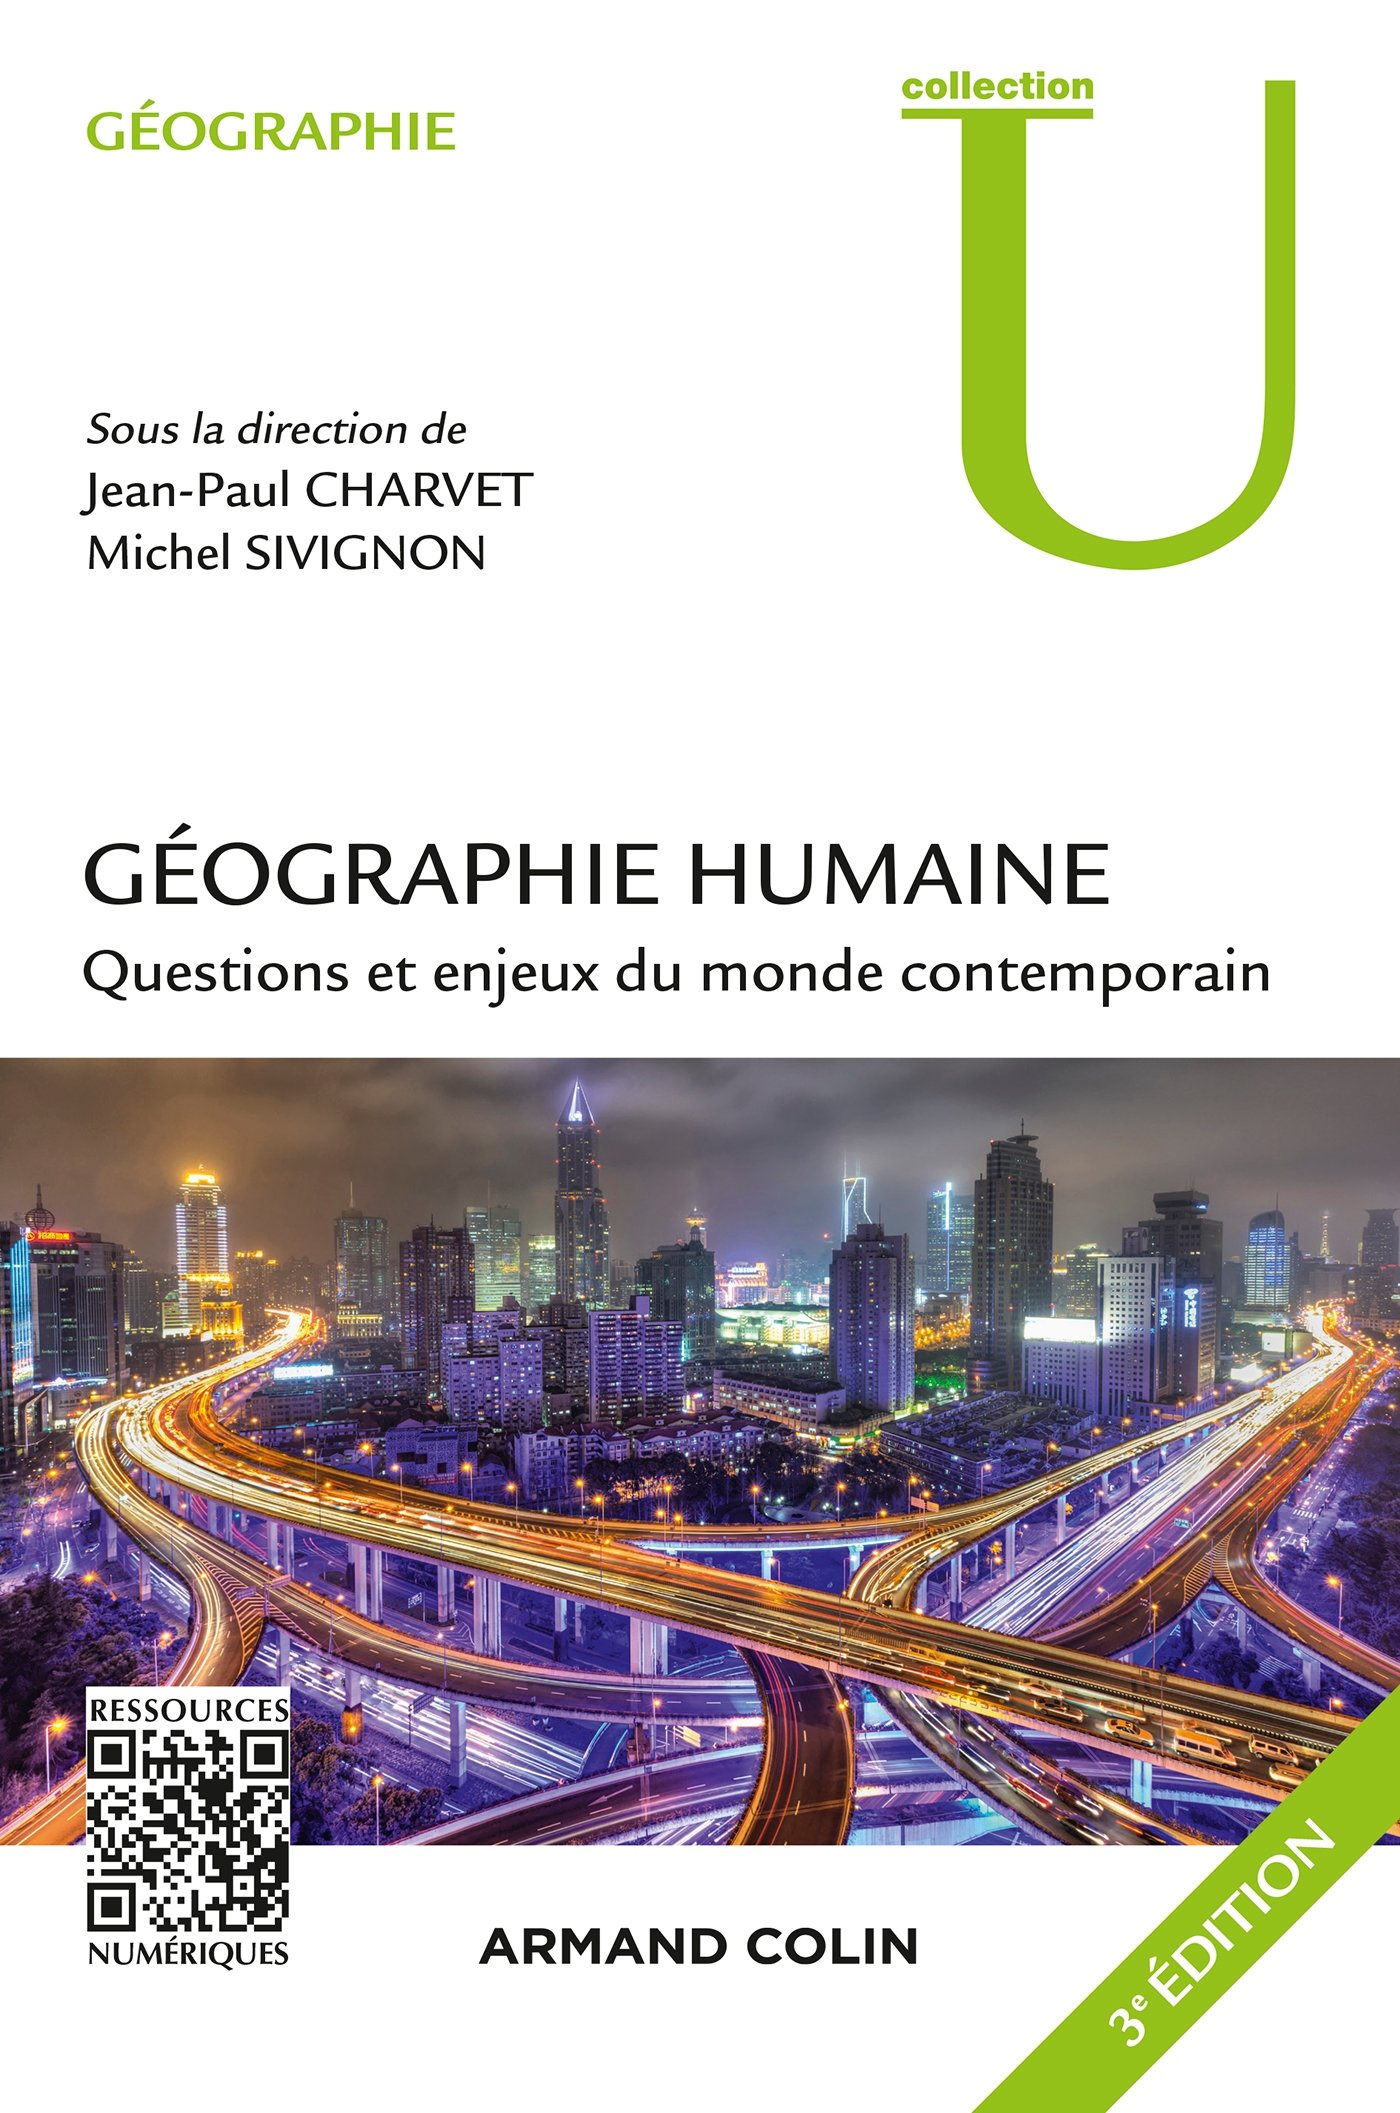 Géographie humaine - 3e éd. - Questions et enjeux du monde contemporain Broché – 25 mai 2016 Jean-Paul Charvet Michel Sivignon Armand Colin 2200602332